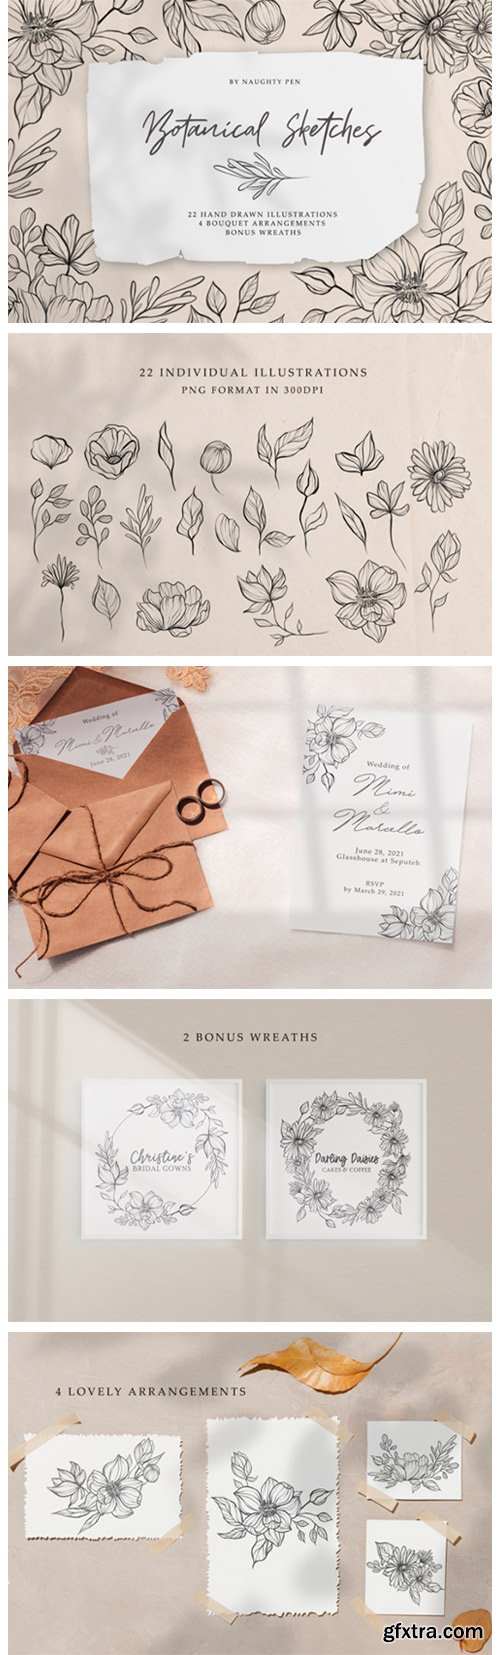 Botanical Sketches Floral Line Art 6716762